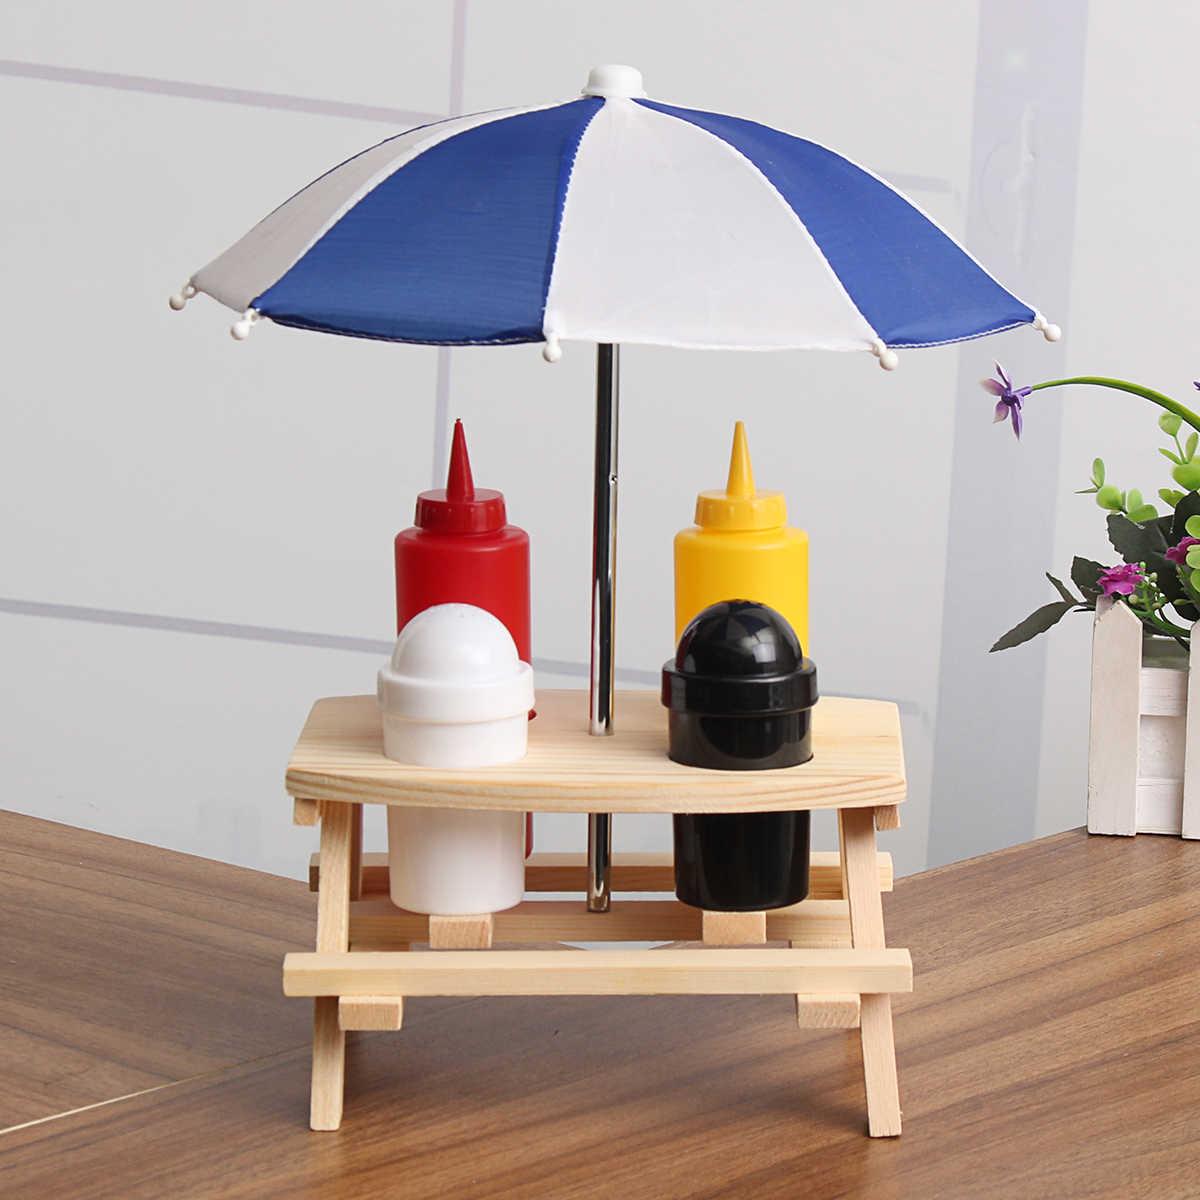 Full Size of Bank Küche Tisch Sonnenschirm Menage Wrze Jar Set Salz Pfeffer Sauce Sitzbank Schlafzimmer Nischenrückwand Sprüche Für Die Schnittschutzhandschuhe Küche Bank Küche